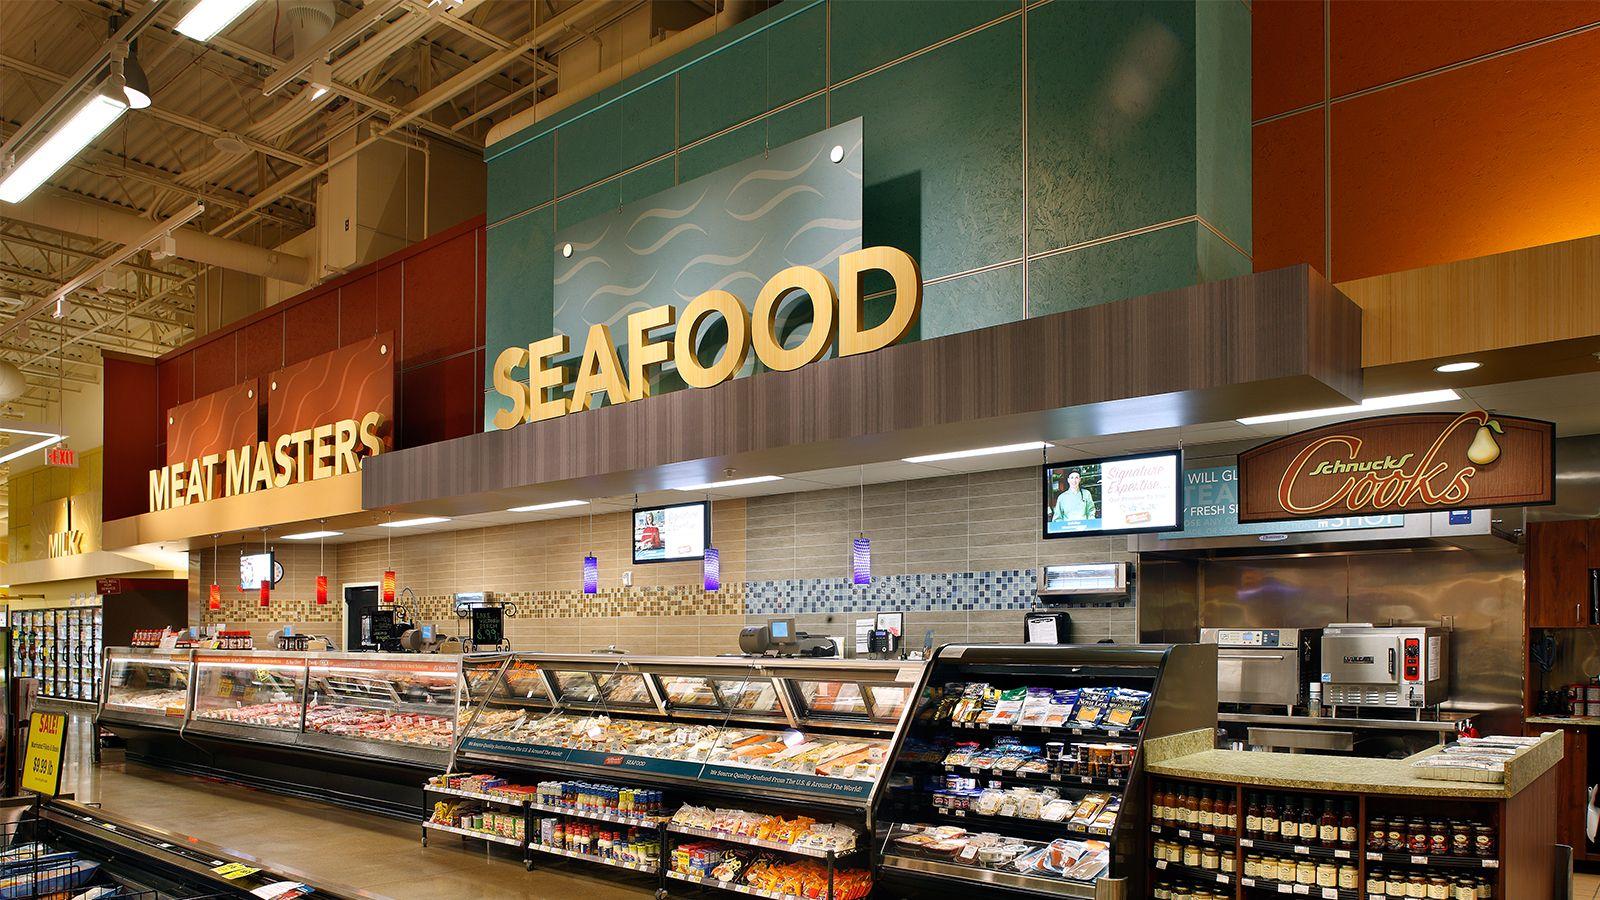 schnucks Supermarket design, Grocery store design